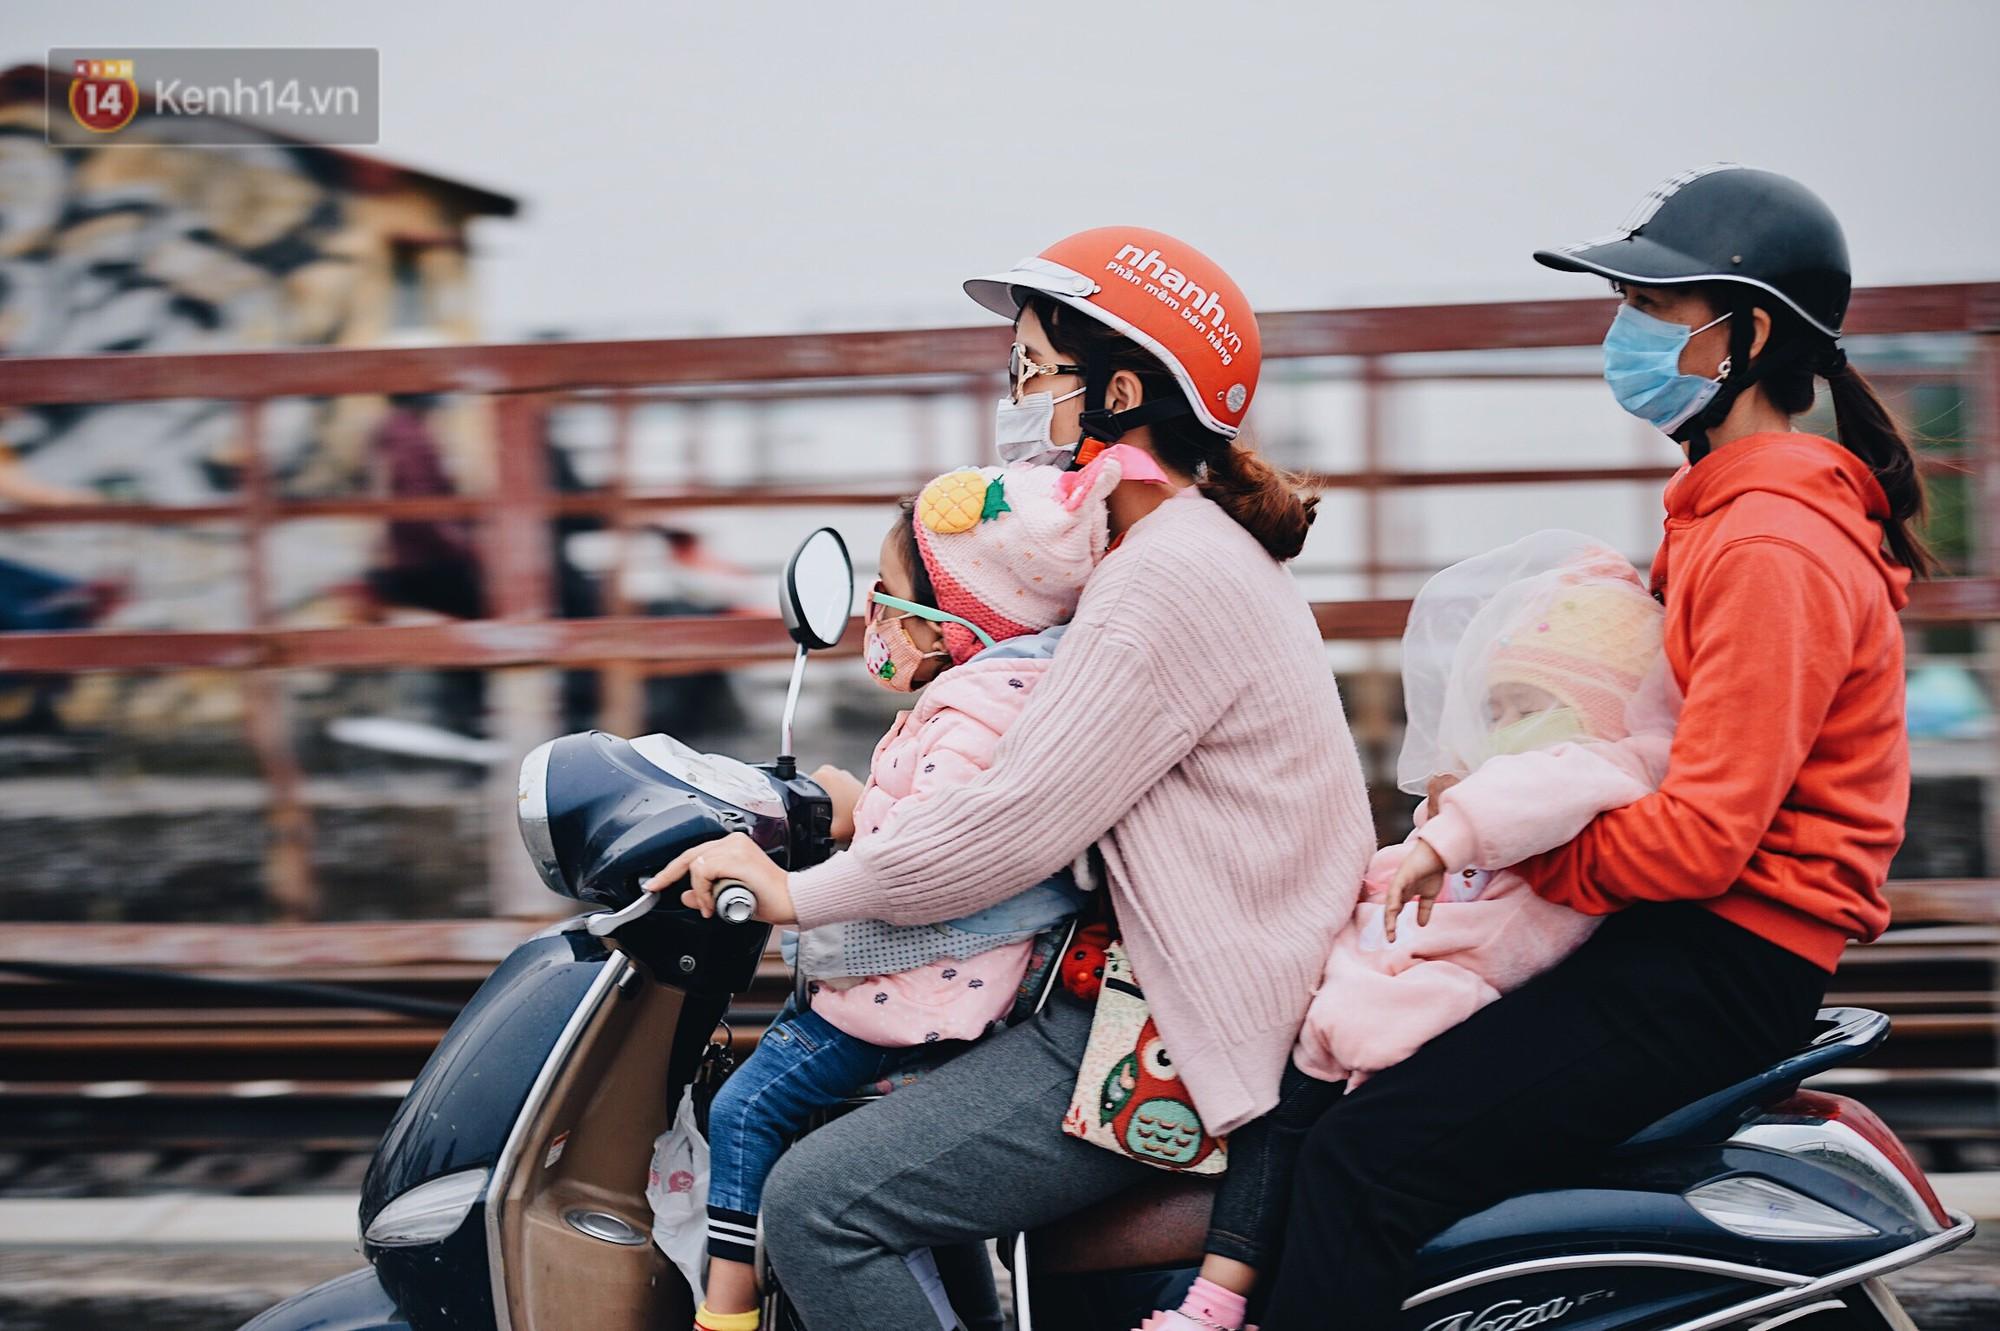 Ngày mùa đông chính thức chạm ngõ miền Bắc, người dân Hà Nội mặc áo ấm xuống phố - Ảnh 4.